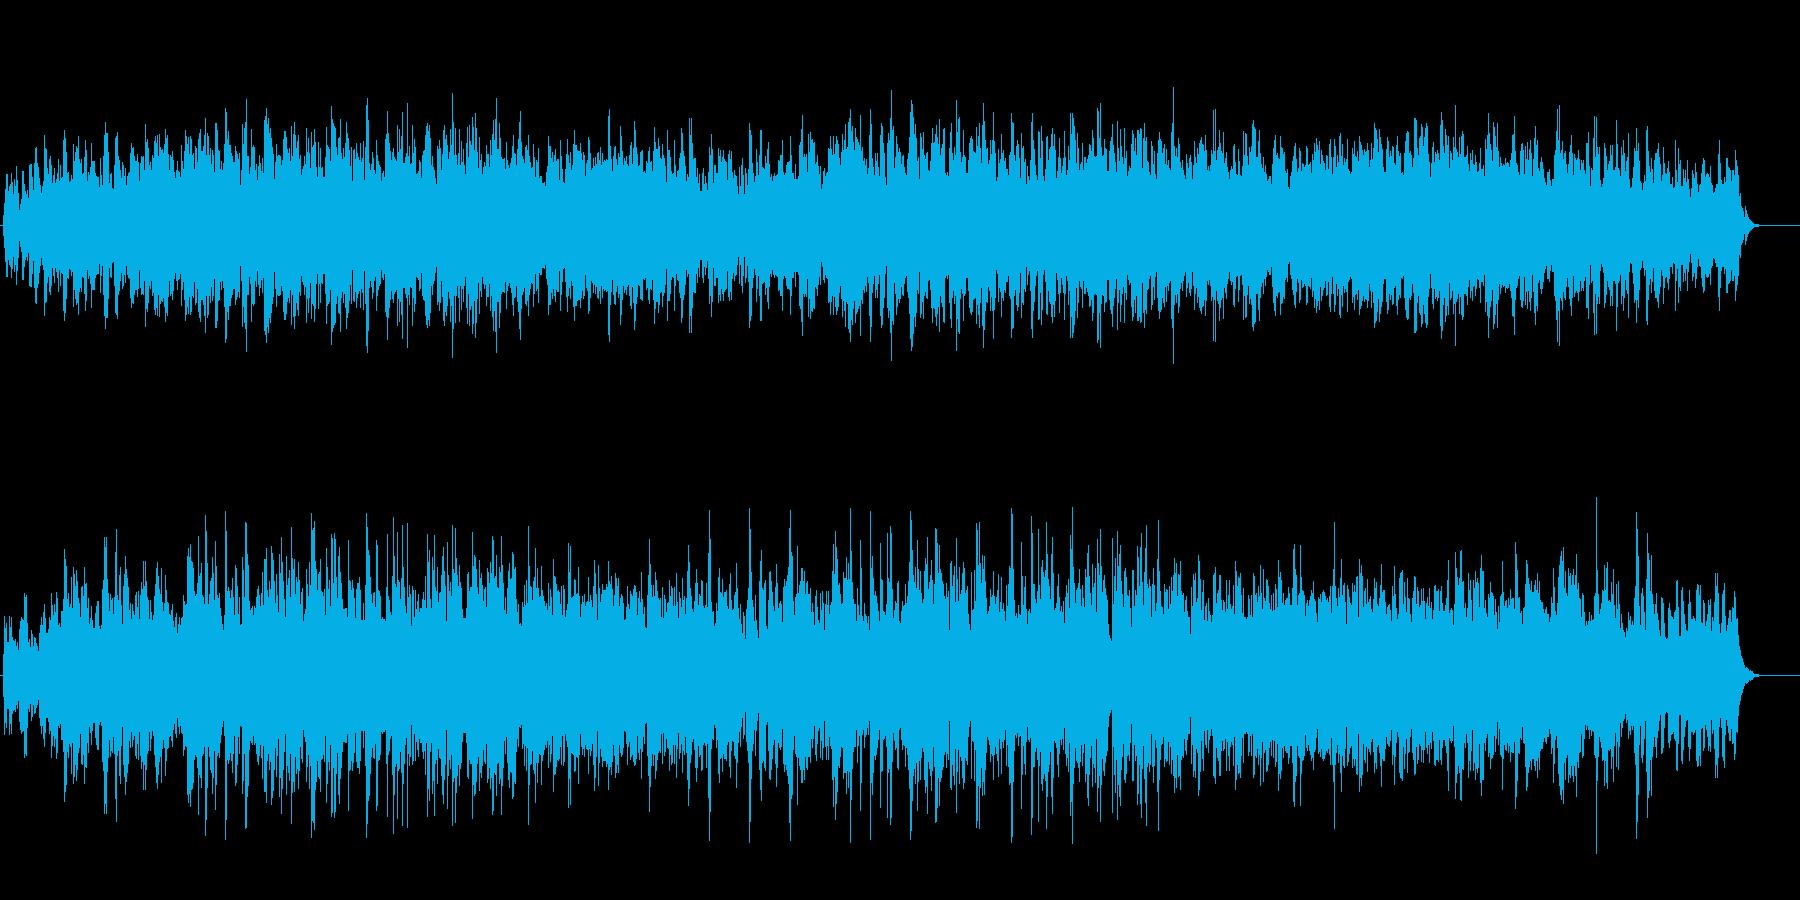 厳冬の中自然の強さを感じるアンビ系BGMの再生済みの波形